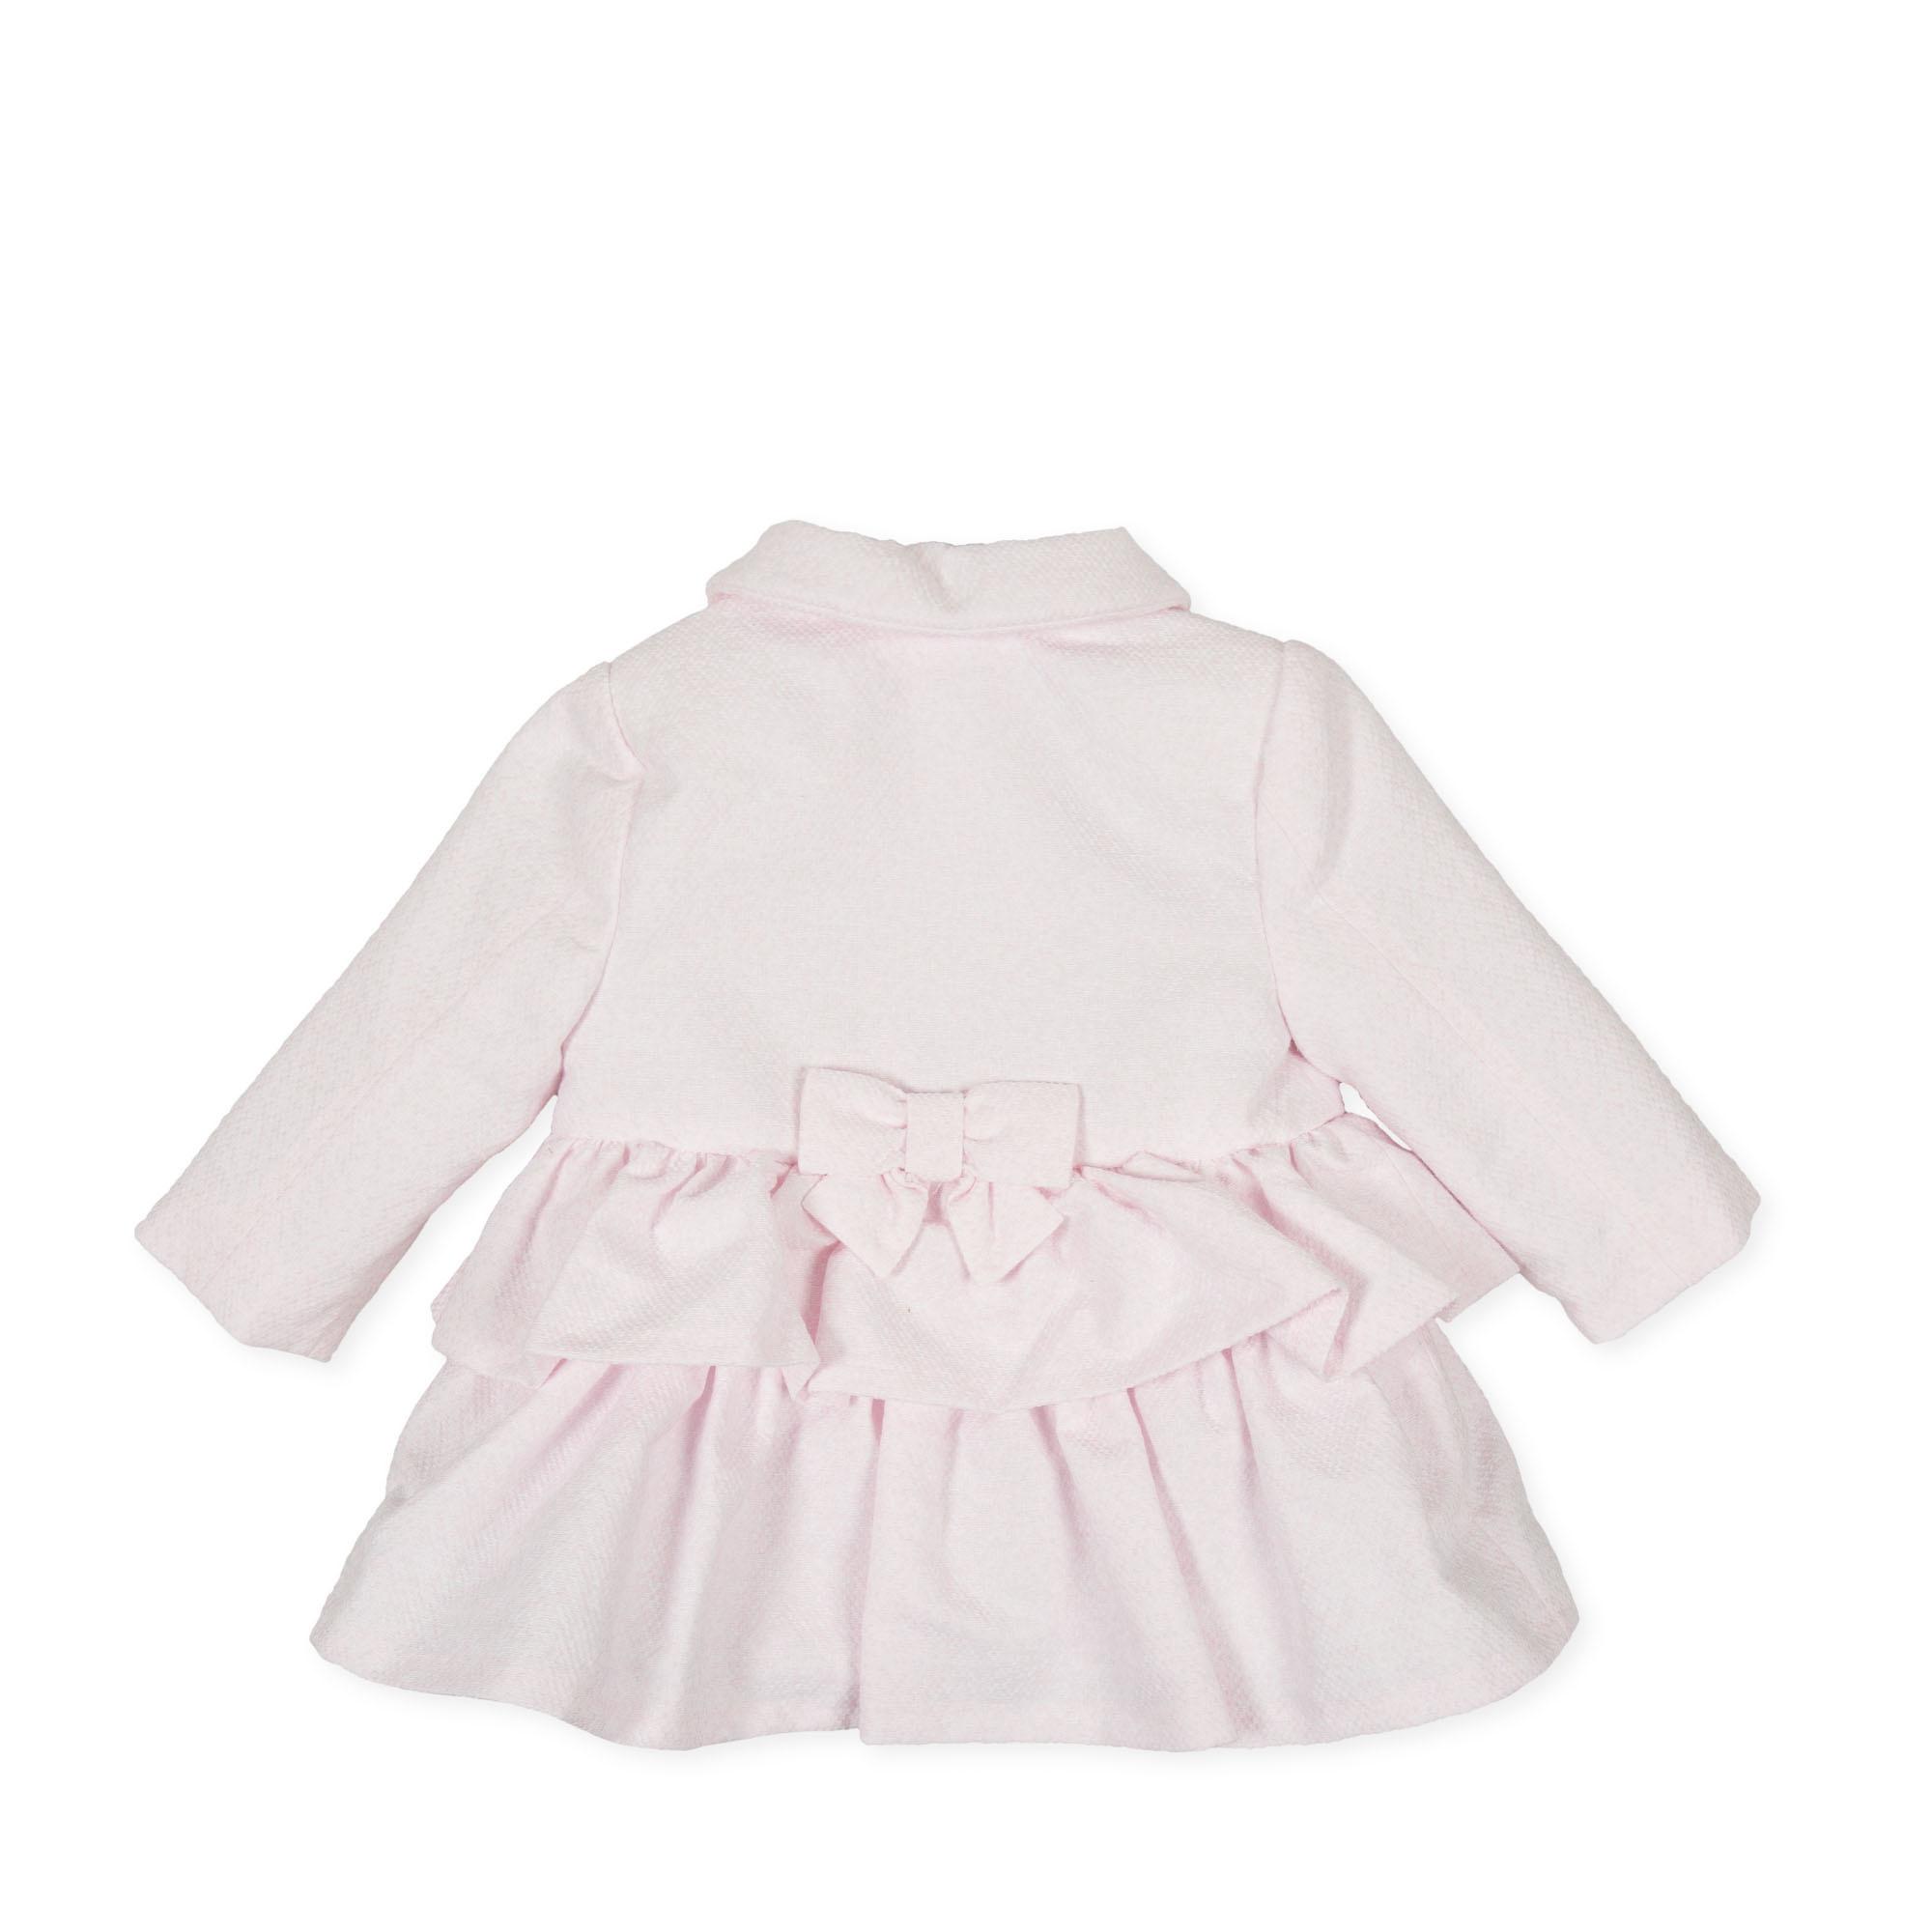 Tutto Piccolo Tutto Piccolo 9514 Pink Coat - Age 4